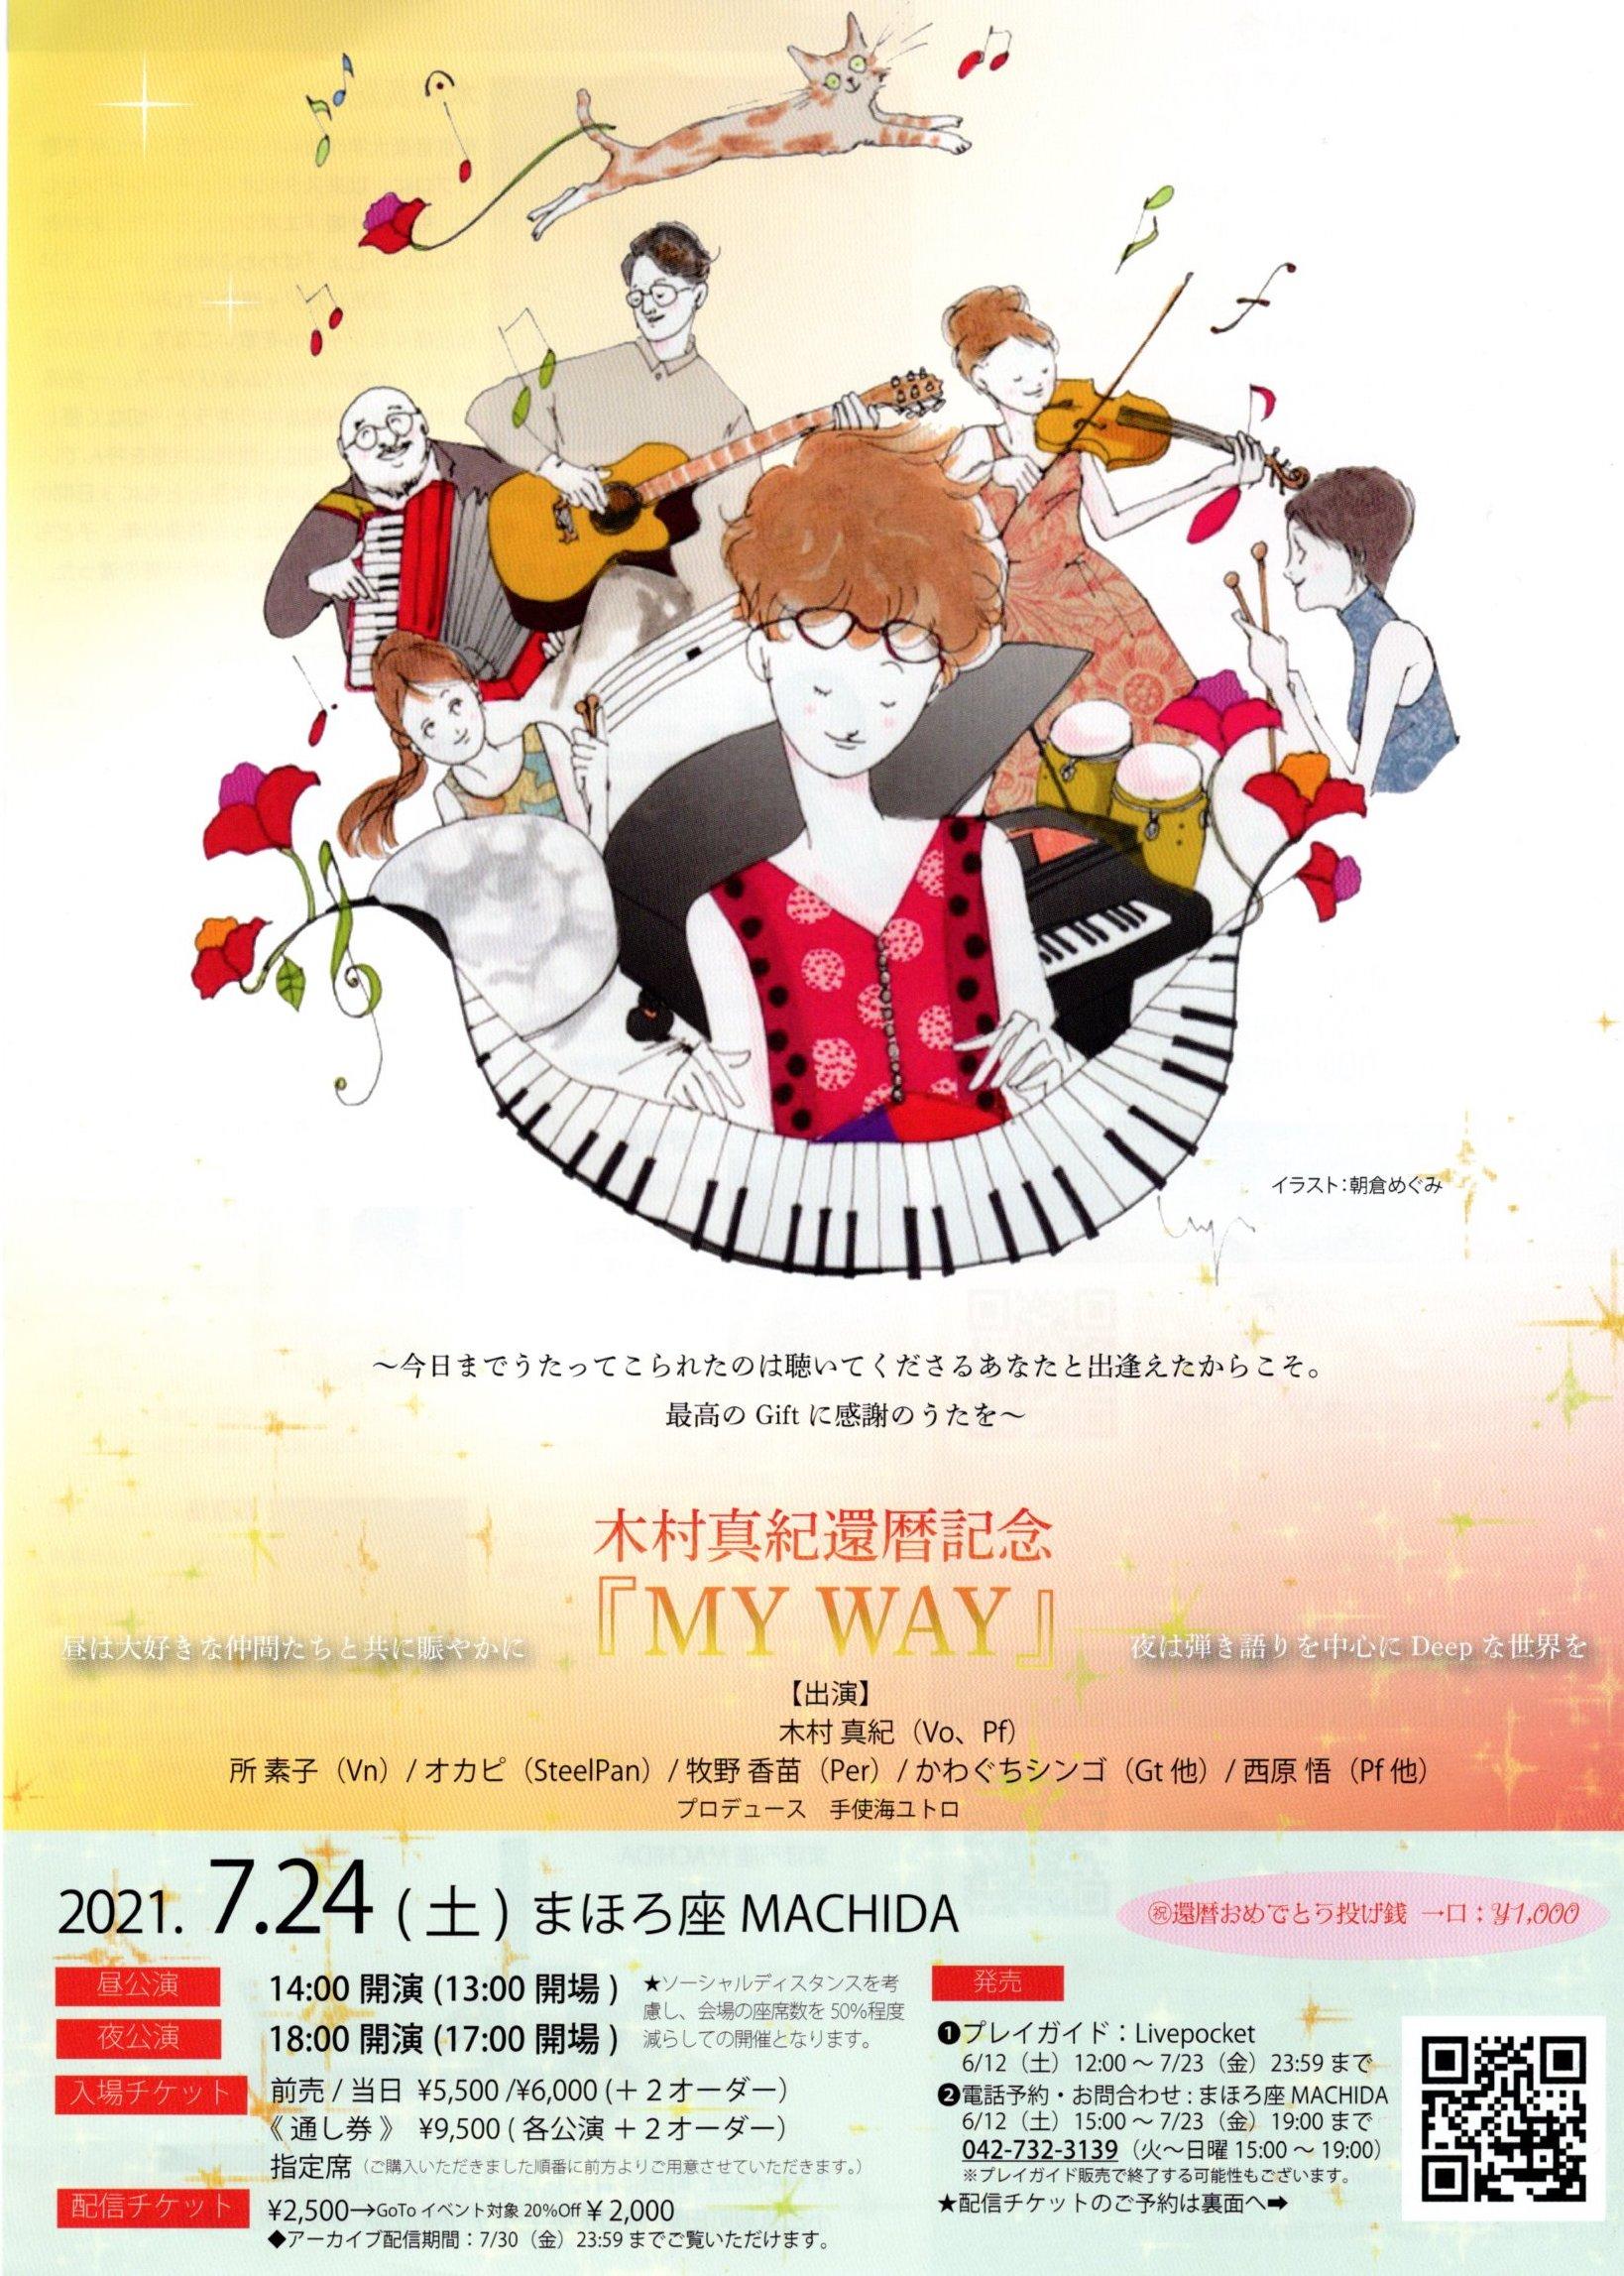 2021年7月24日(土)木村真紀還暦記念『MY WAY』に出演しました。